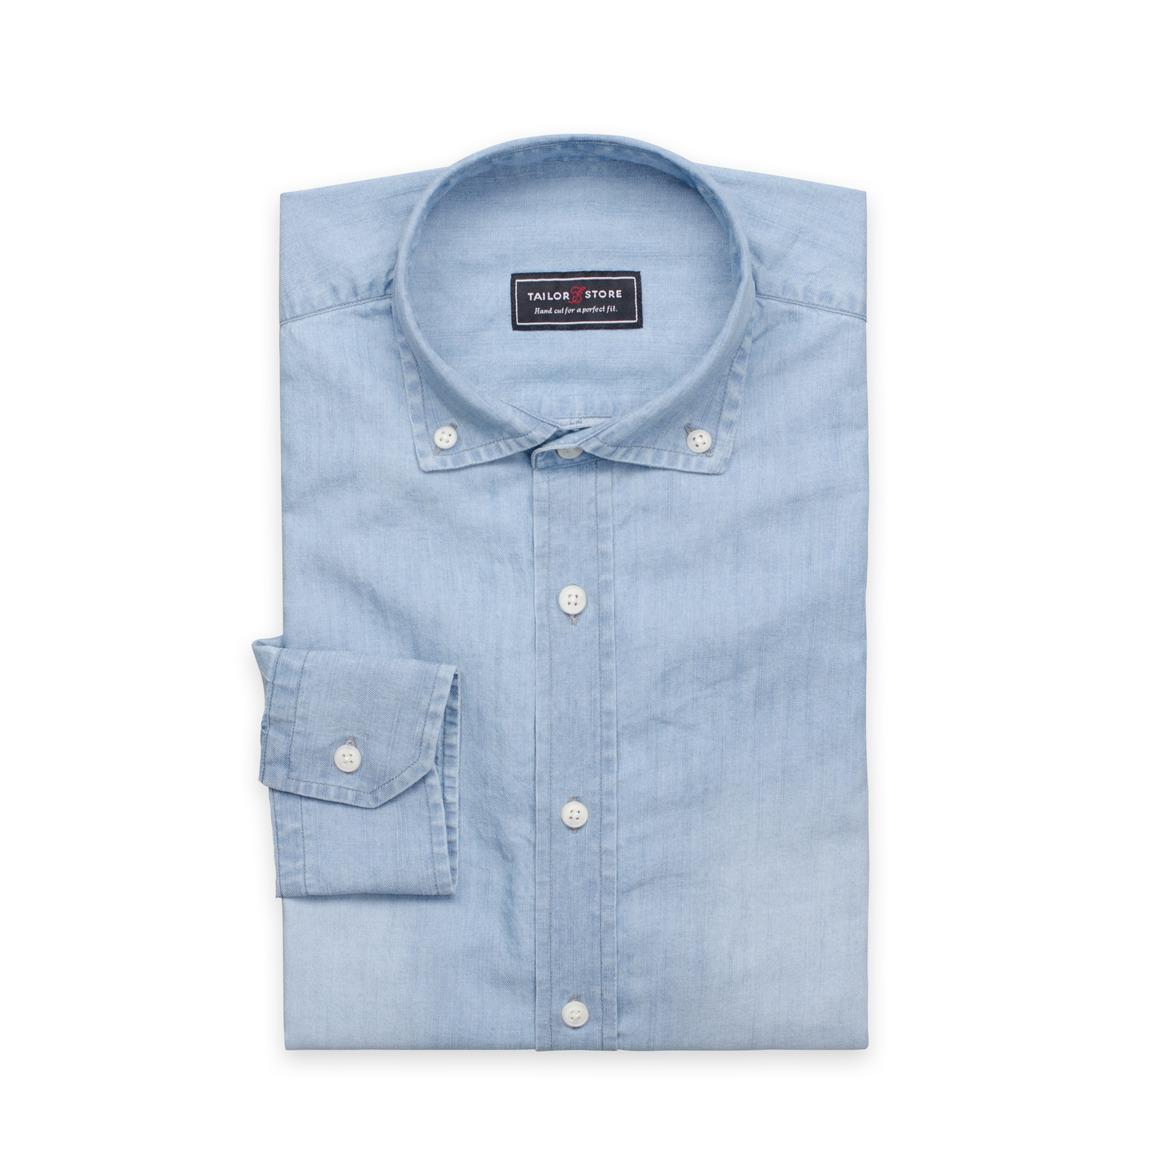 e871d025 Light blue denim shirt | Tailor Store